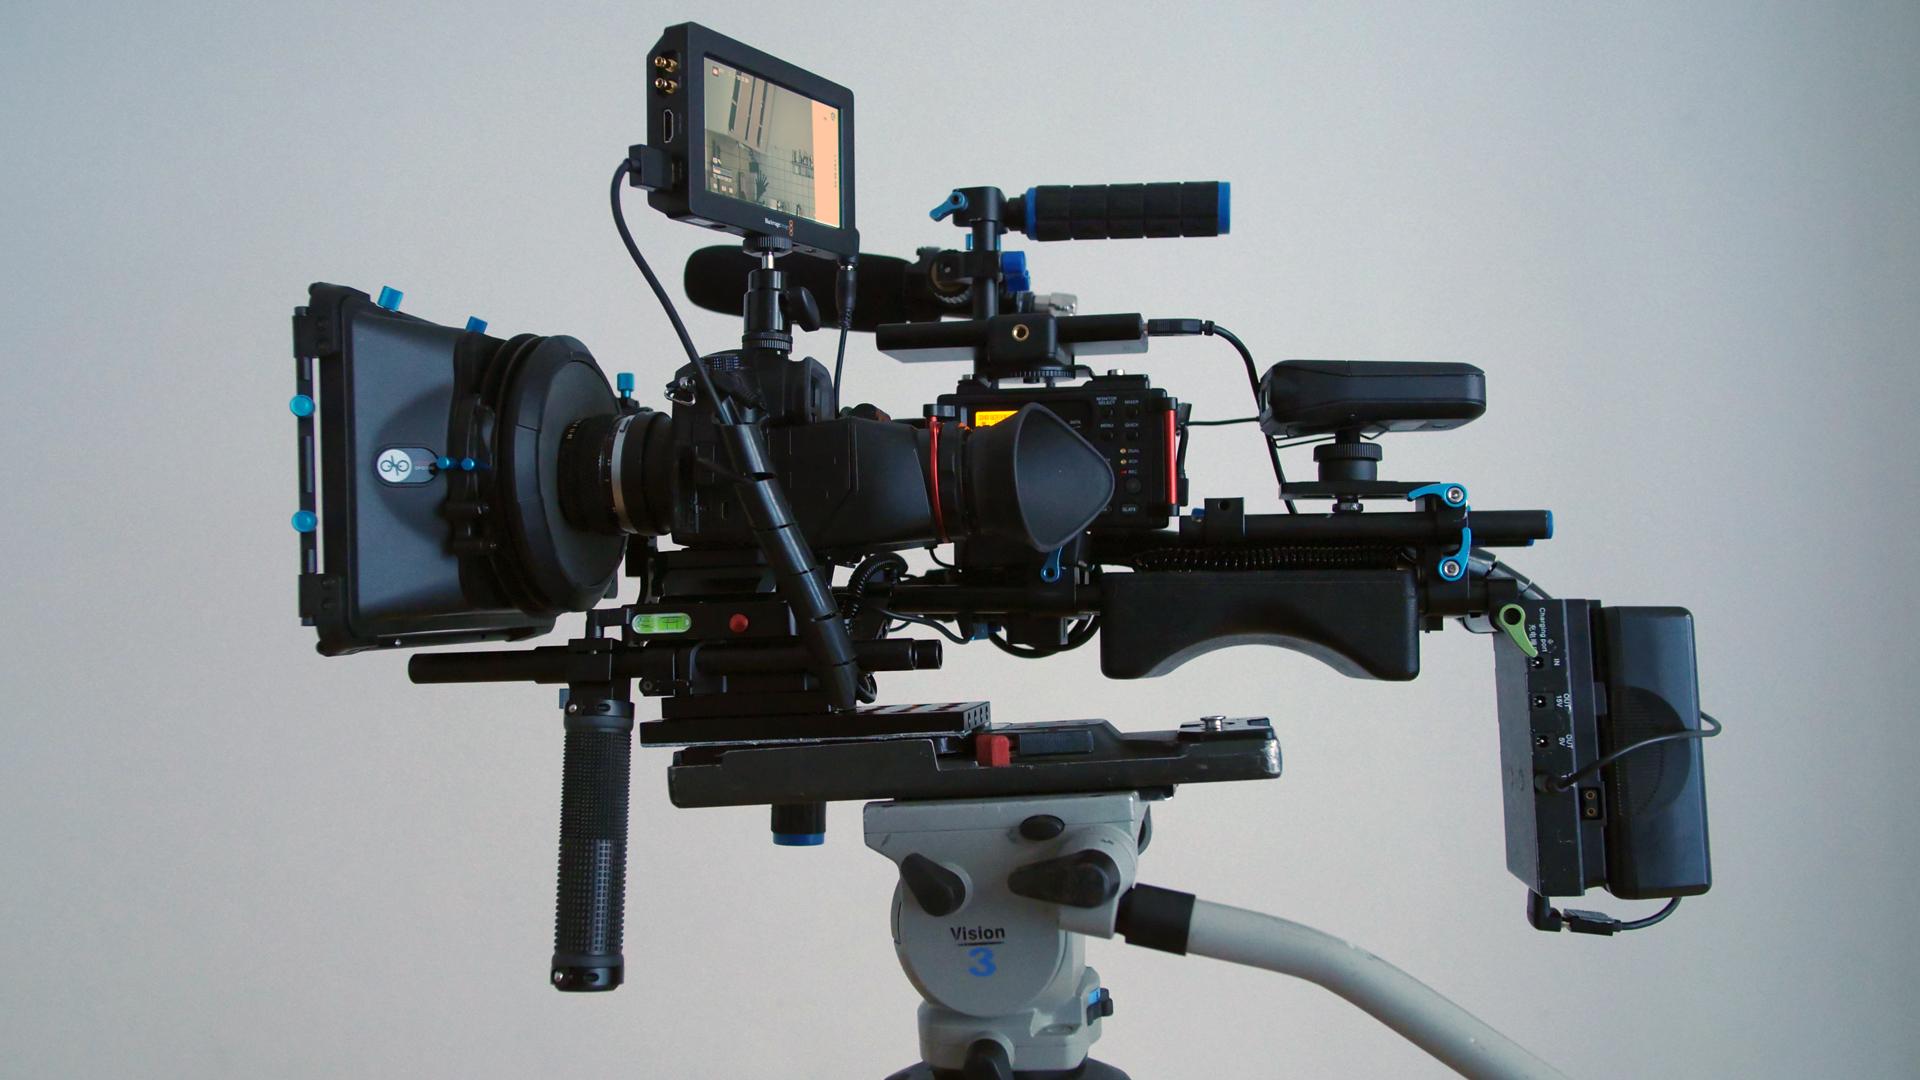 GH5 Kamera Rig